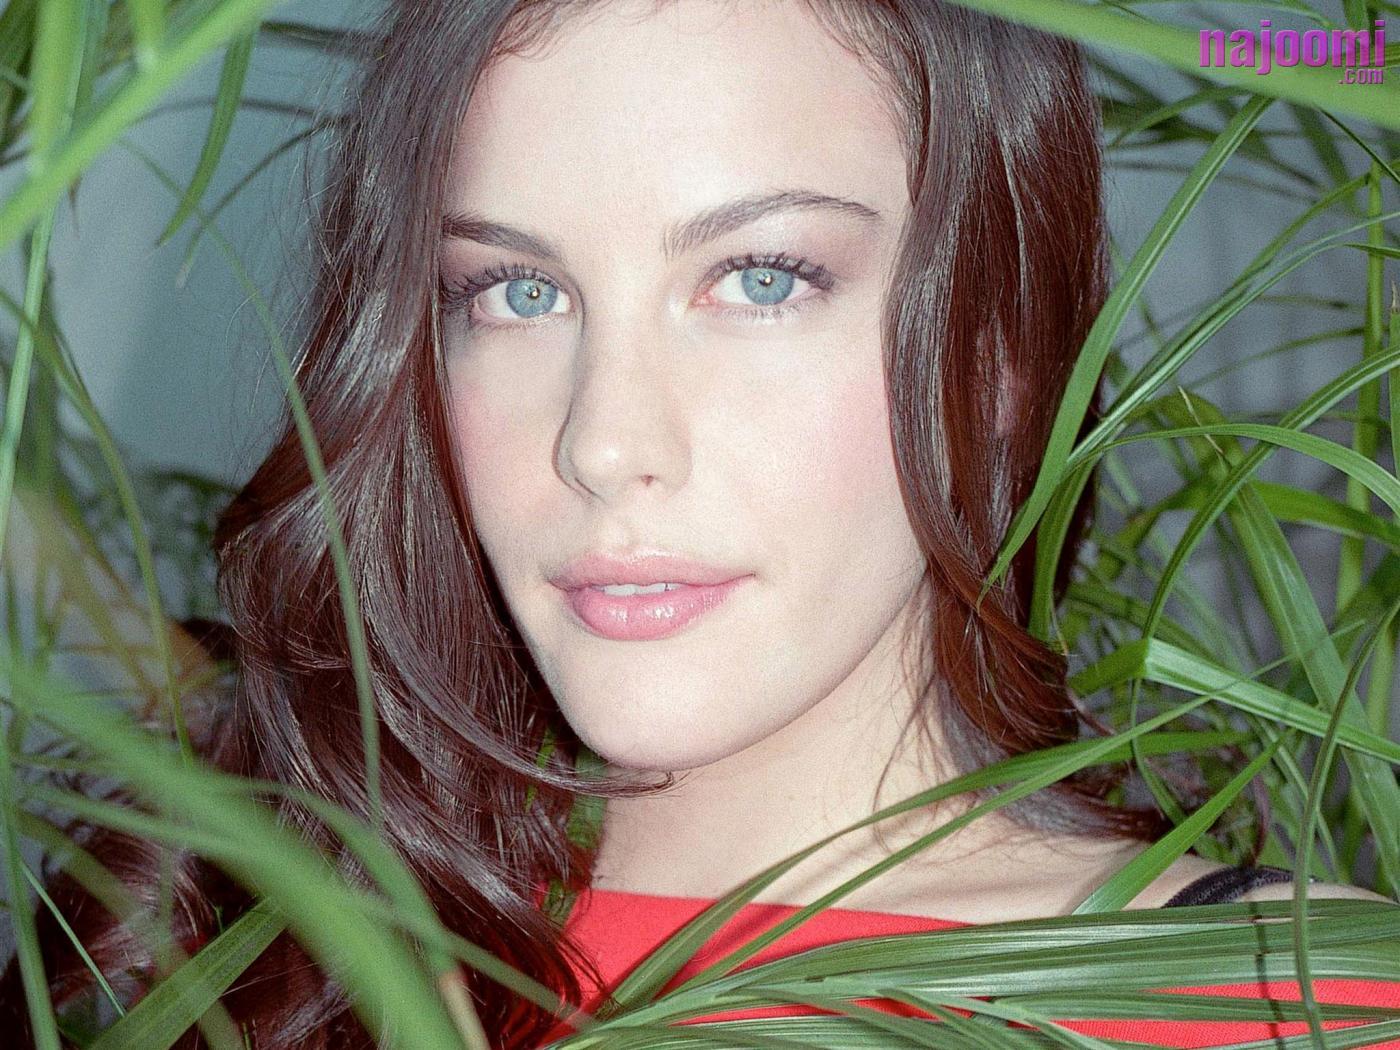 Las Mujeres Con Los Ojos Más Lindos De Hollywood Imág En Taringa